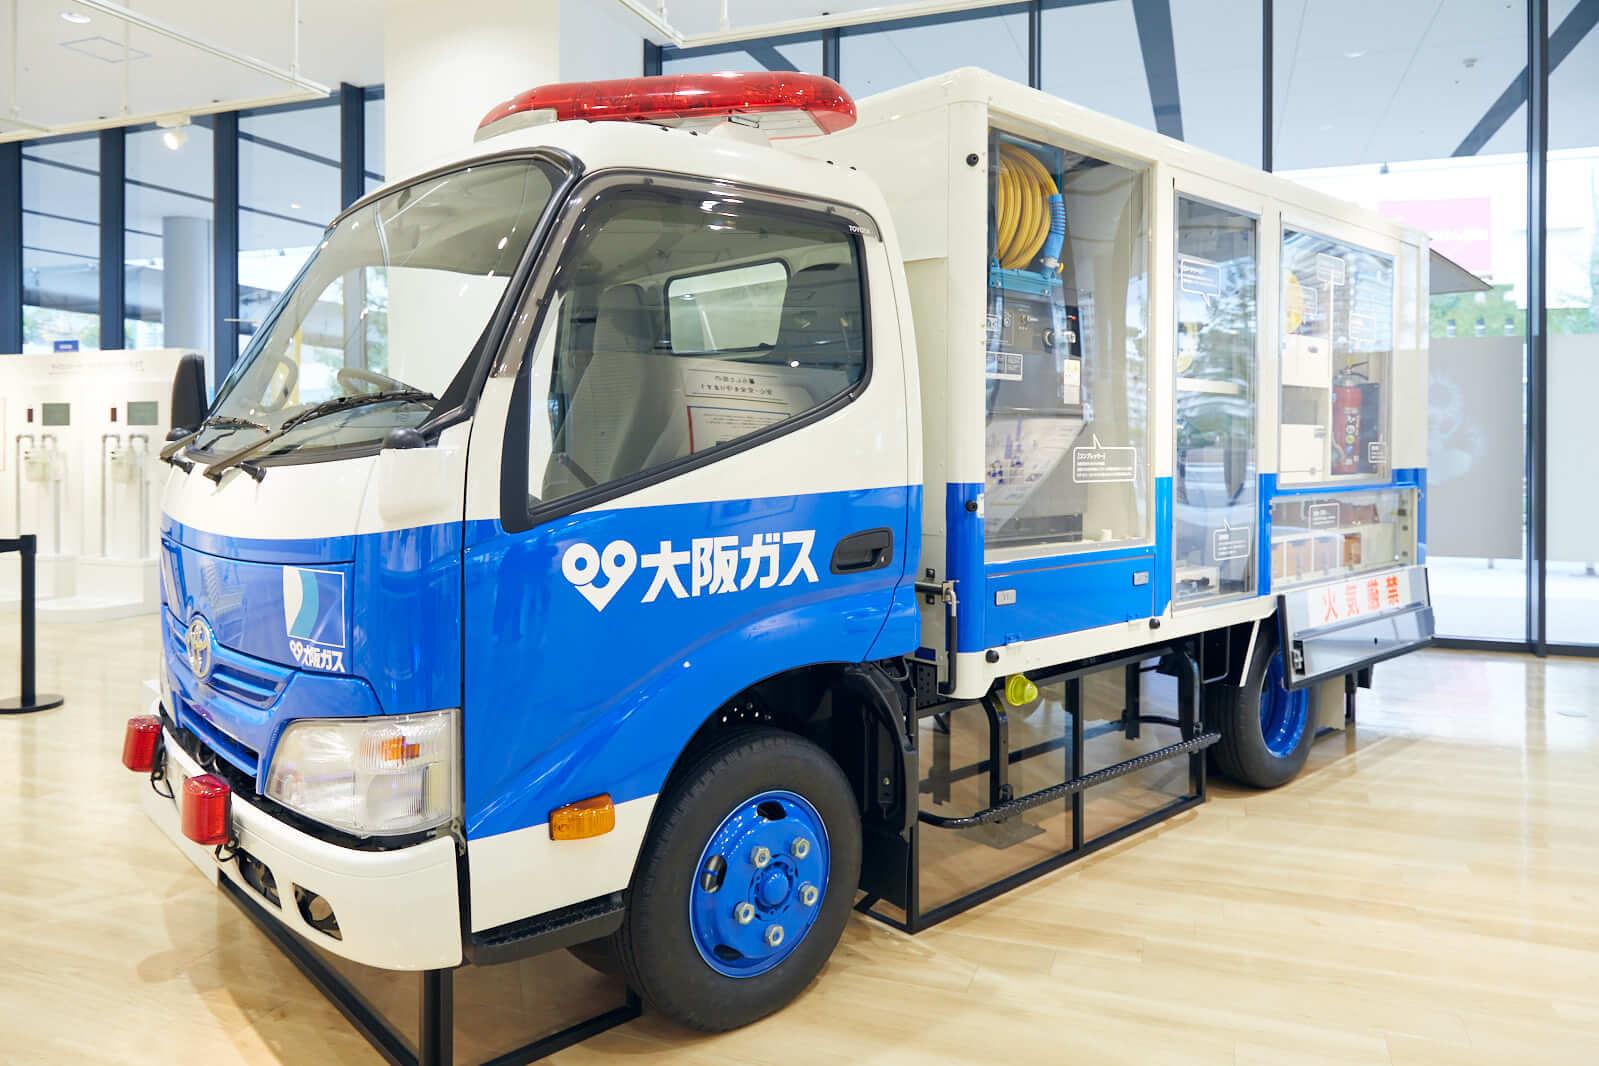 大阪ガス ハグミュージアム 緊急車両